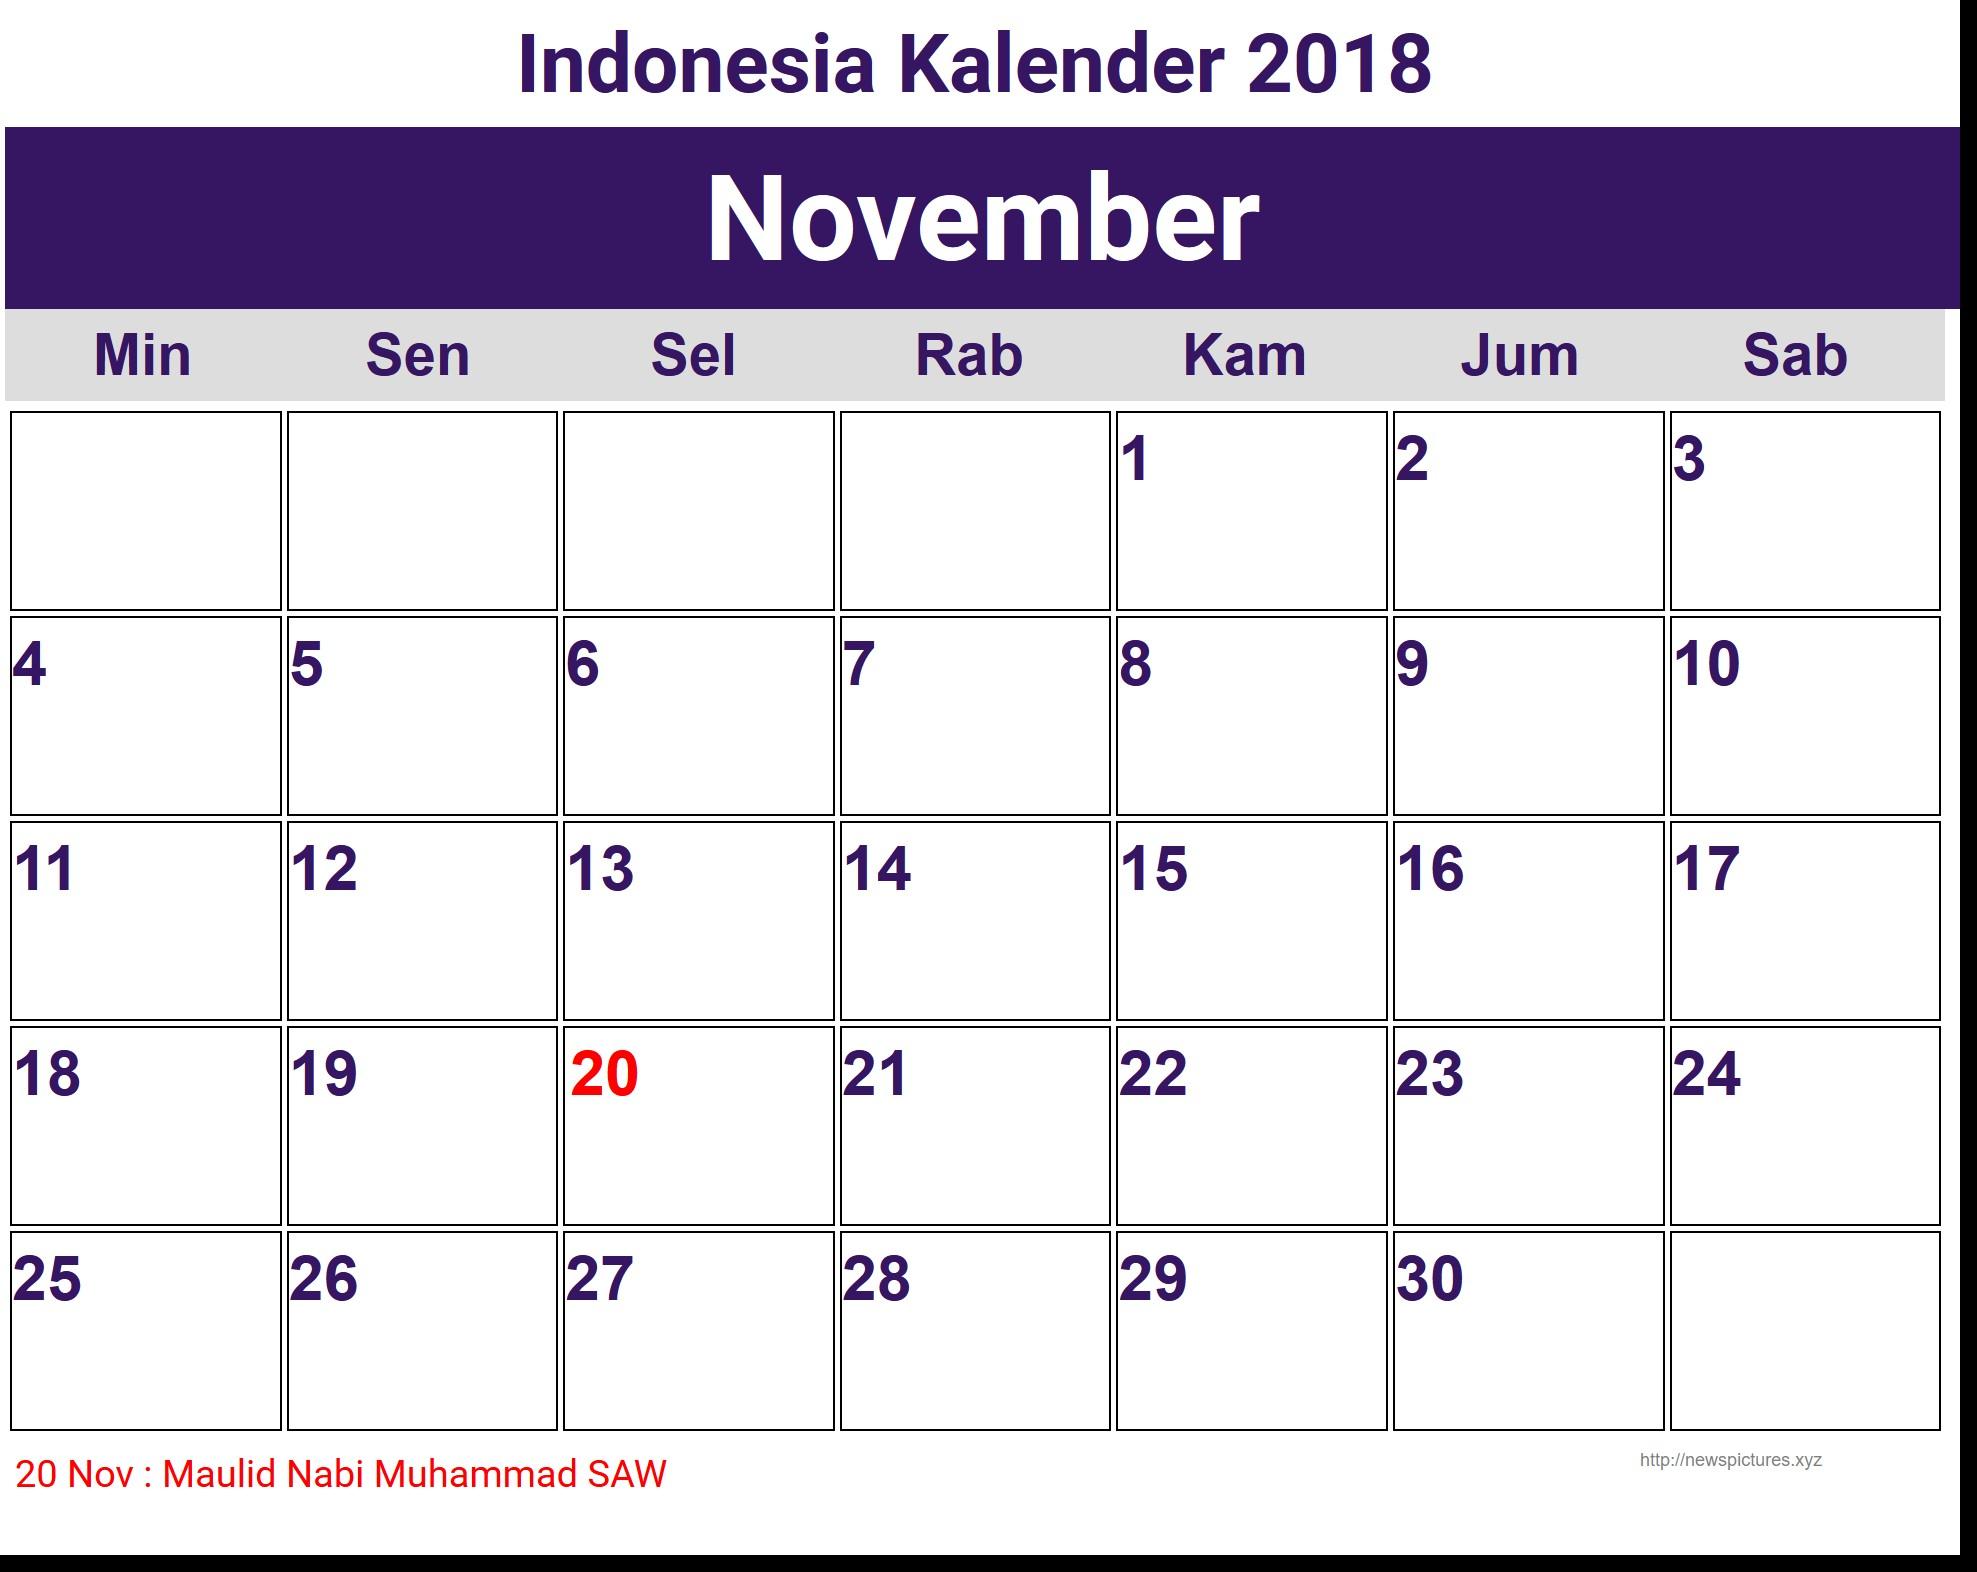 Image for November Indonesia Kalender 2018 kalender